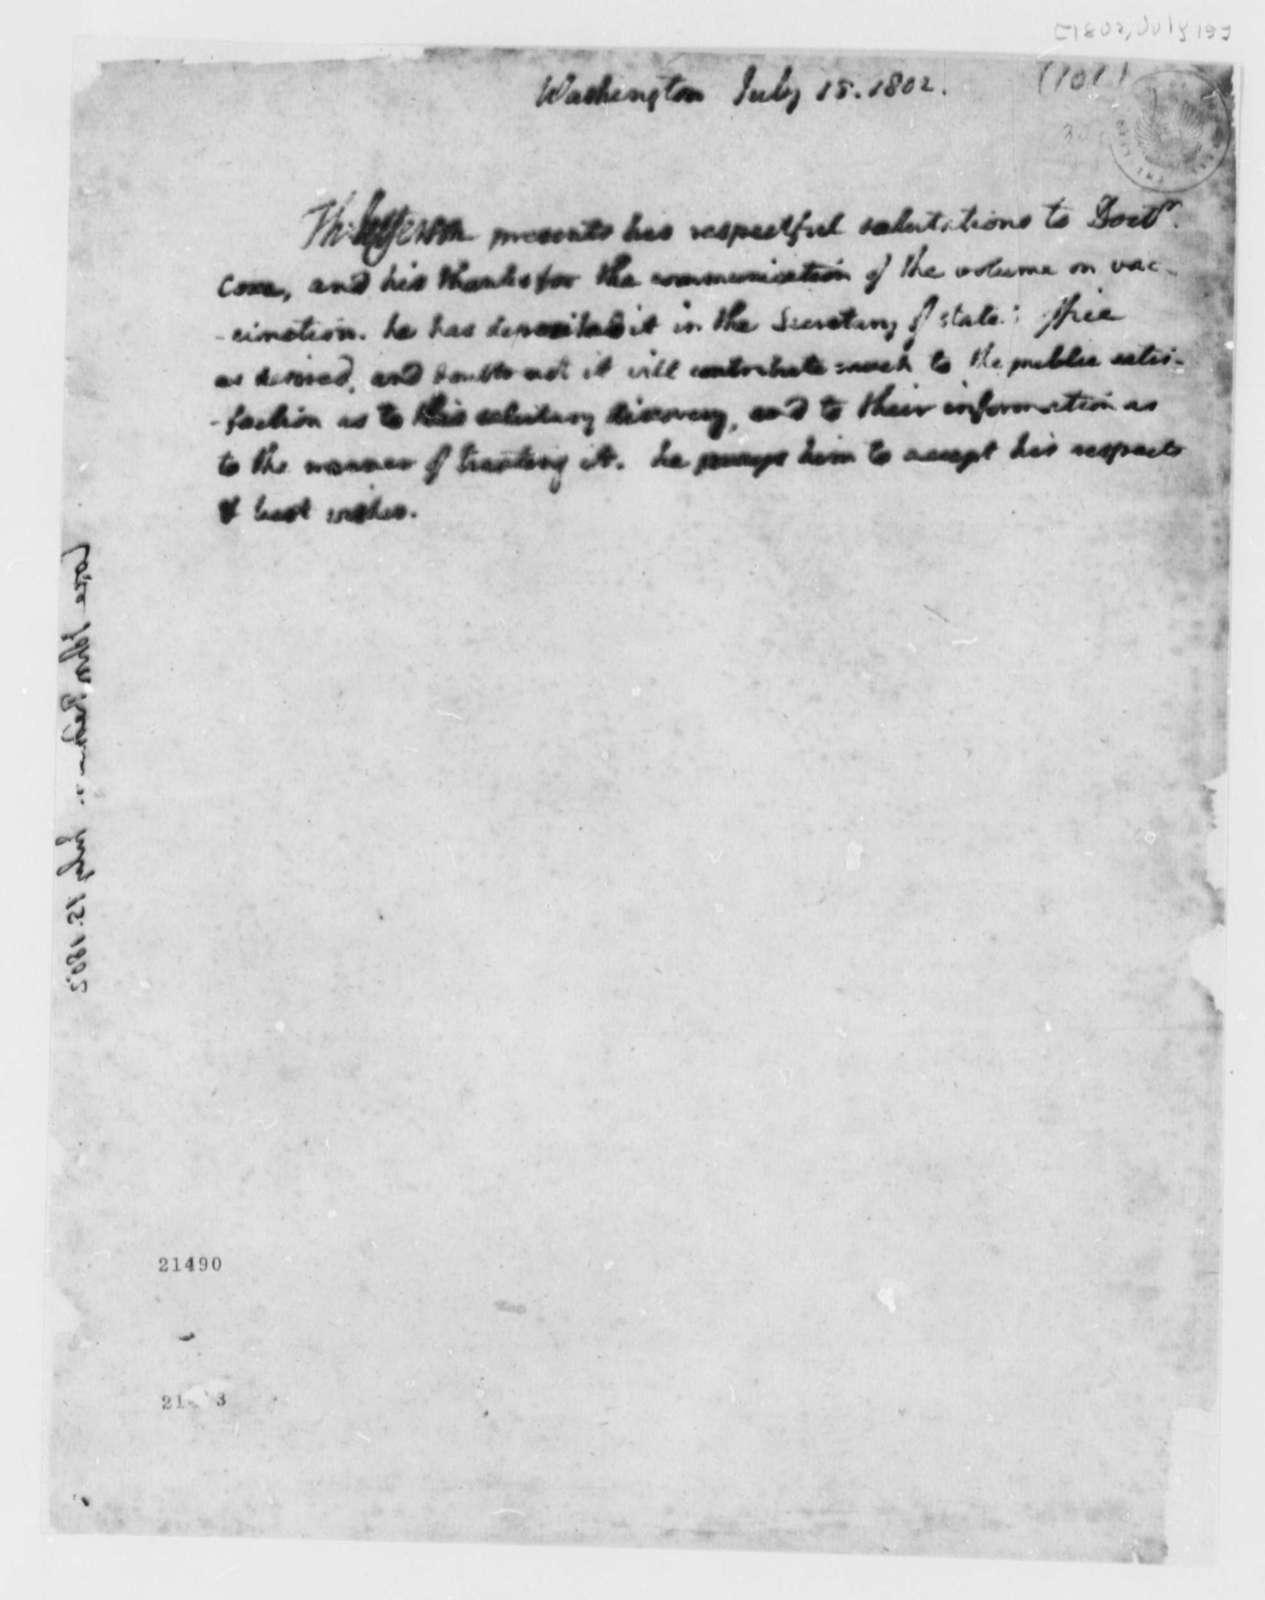 Thomas Jefferson to John Redman Coxe, July 15, 1802